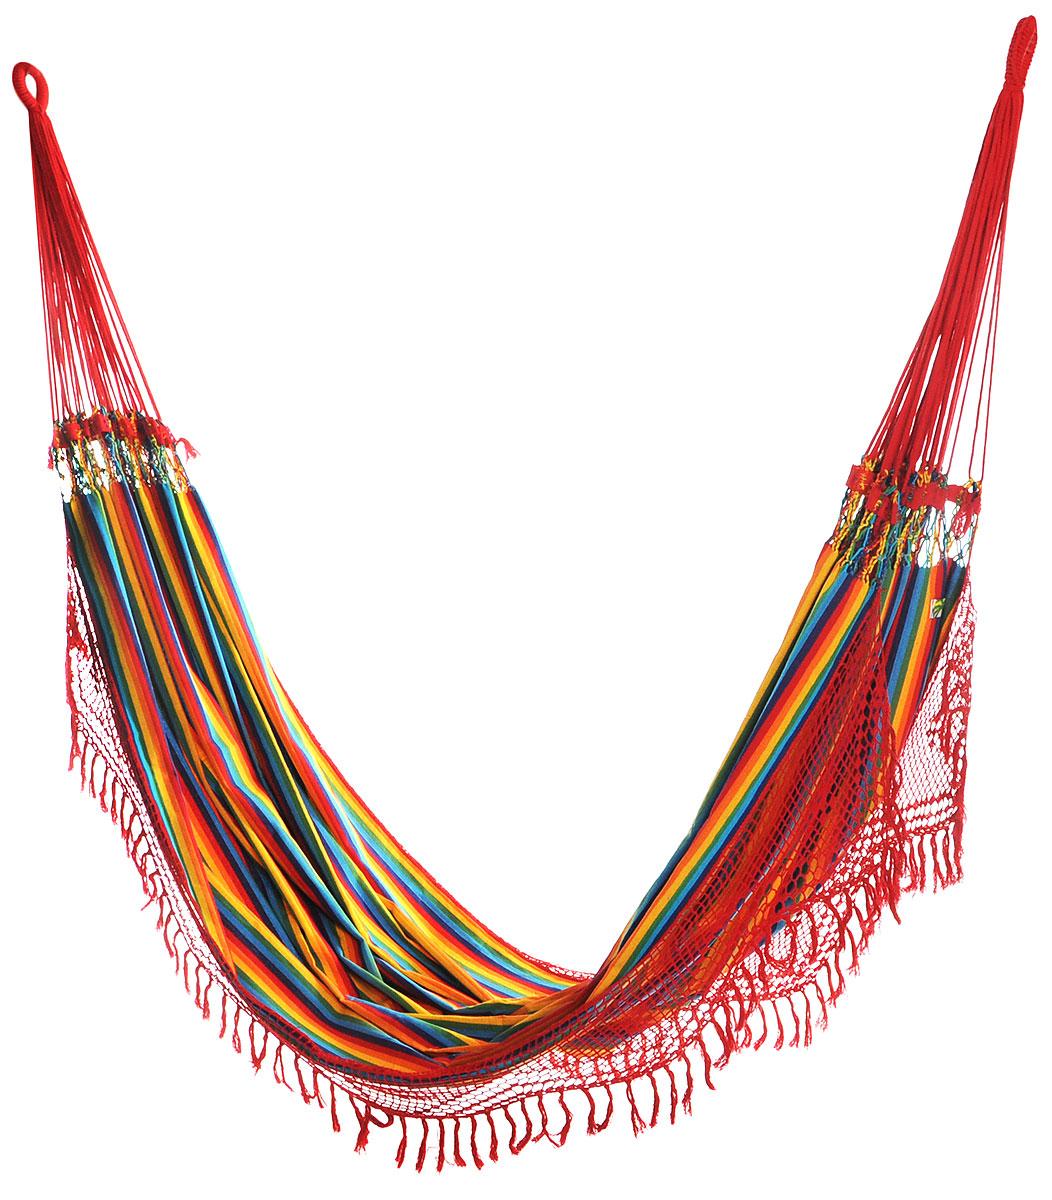 Гамак Tysco Naomi, с бахромой, цвет: мультиколор, 400 см х 170 см фея подставка для купания гамак цвет в ассортименте